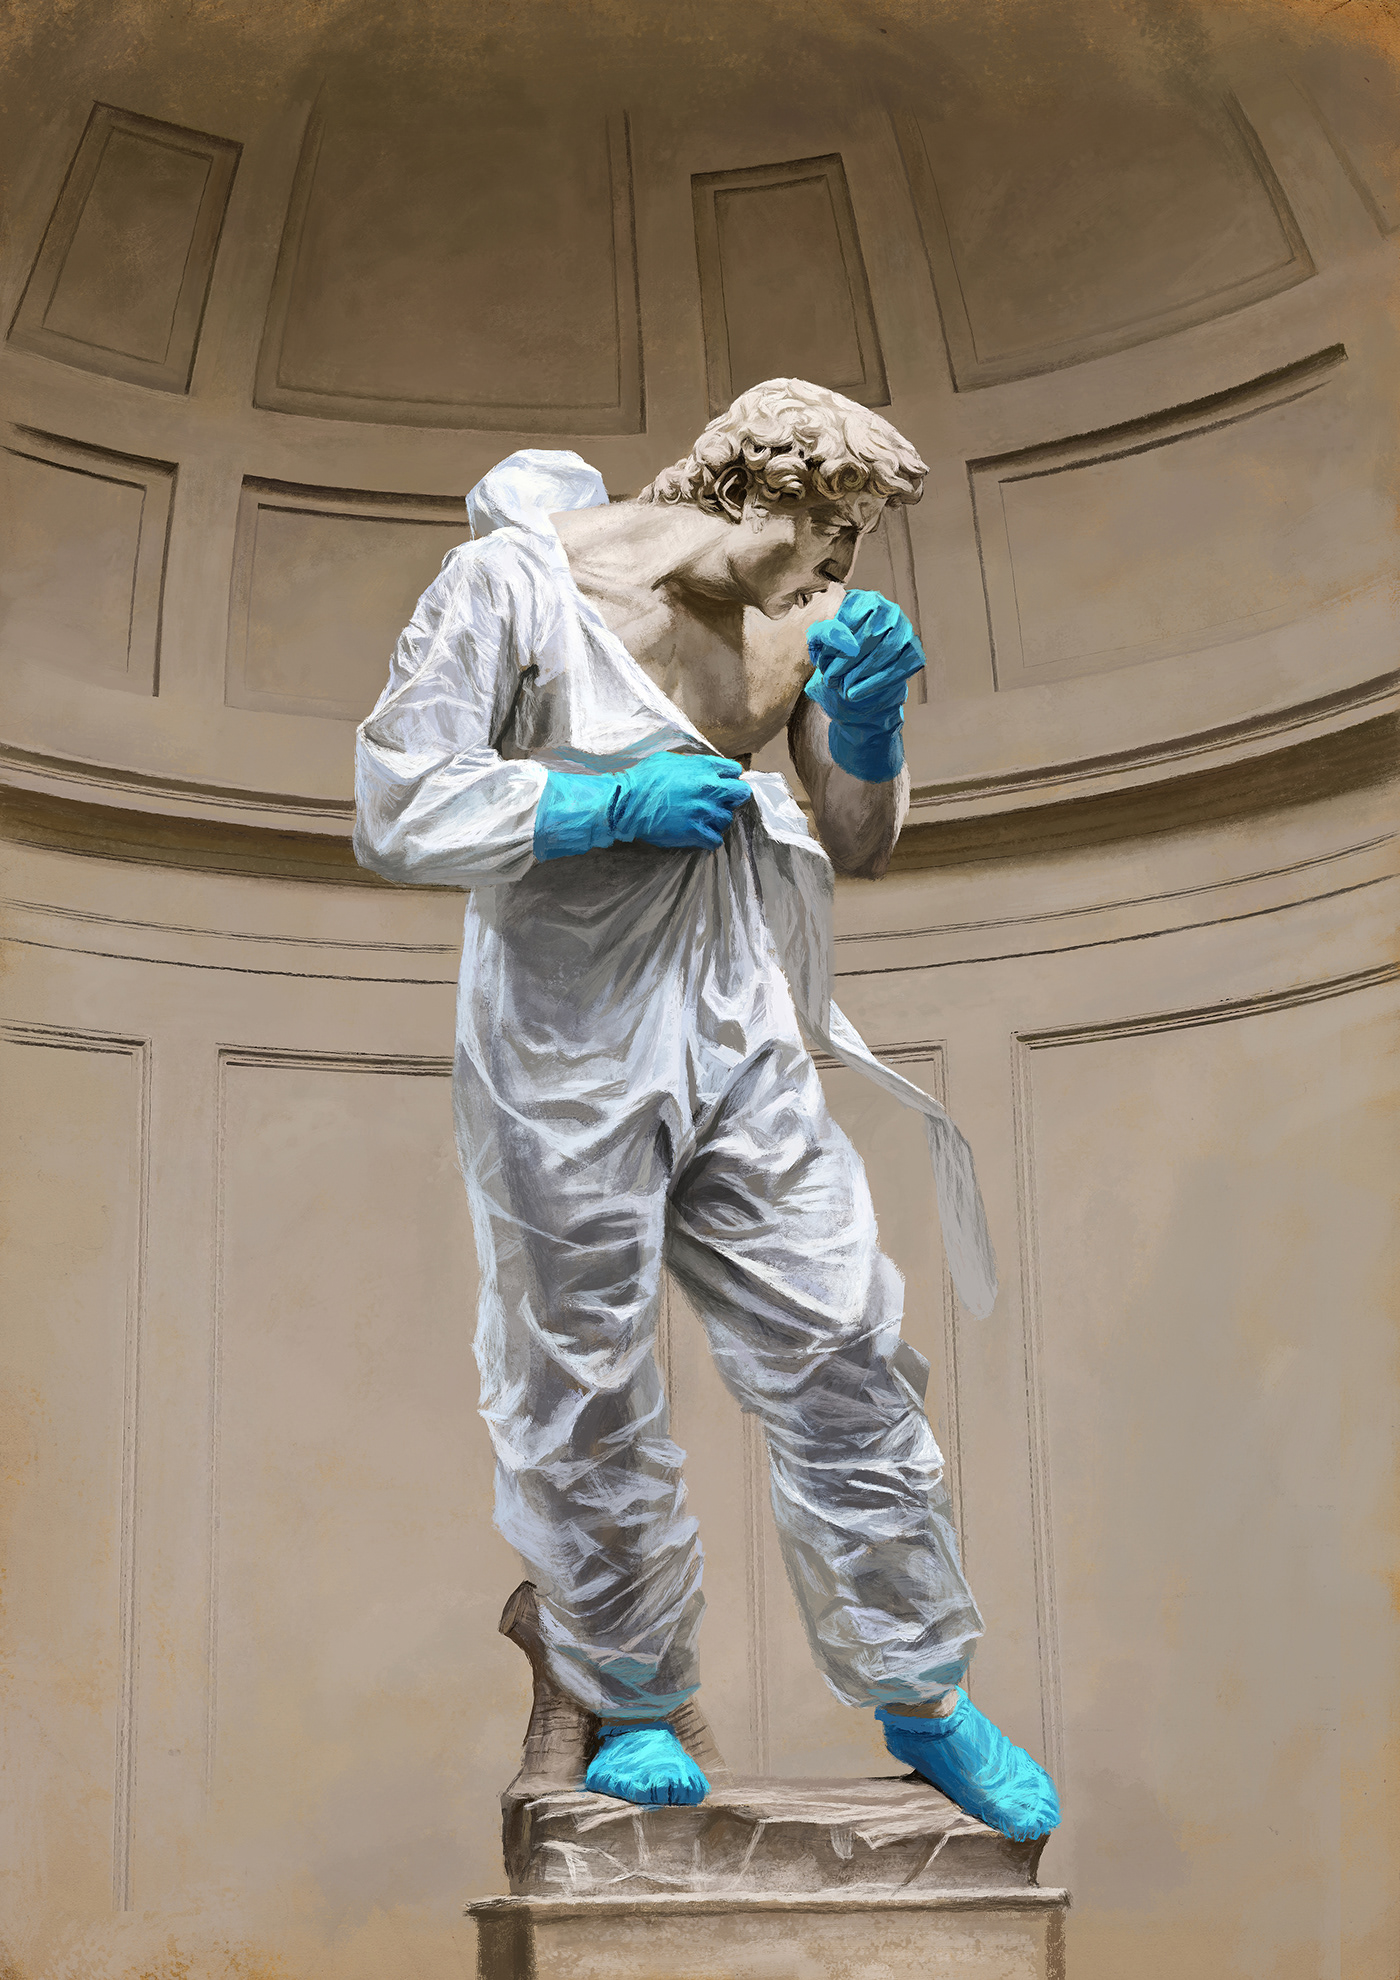 corona Coronavirus david epidemic Italy Michelangelo painting   sculpture still life virus